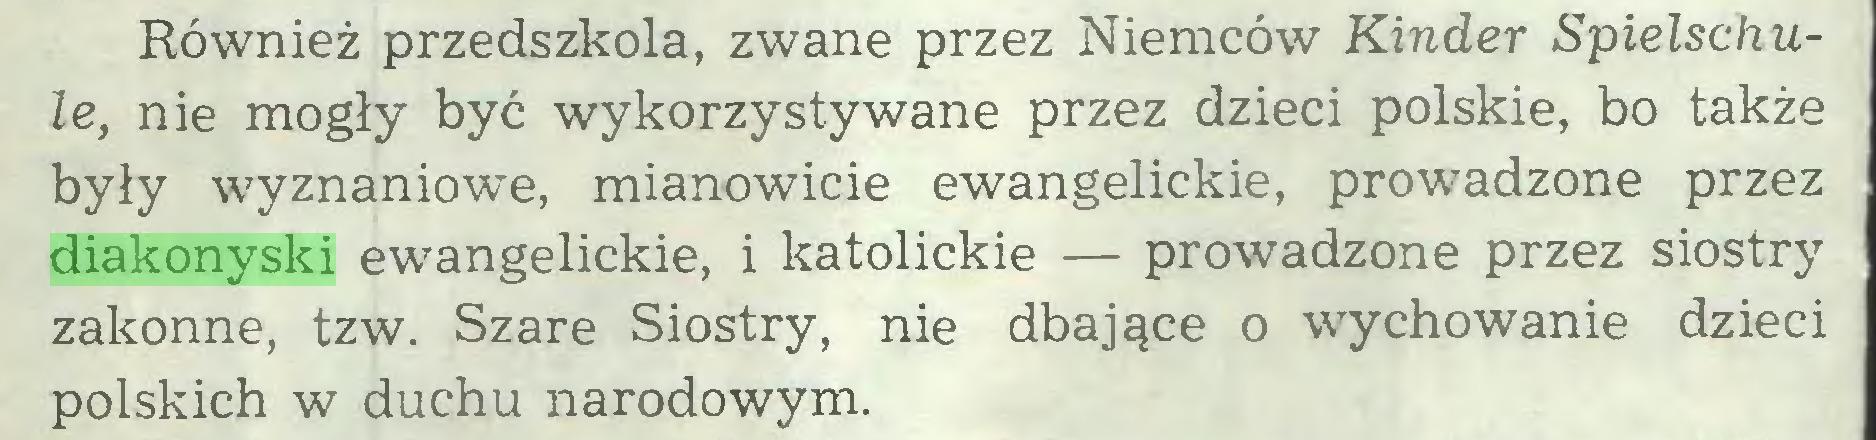 (...) Również przedszkola, zwane przez Niemców Kinder Spielschule, nie mogły być wykorzystywane przez dzieci polskie, bo także były wyznaniowe, mianowicie ewangelickie, prowadzone przez diakonyski ewangelickie, i katolickie — prowadzone przez siostry zakonne, tzw. Szare Siostry, nie dbające o wychowanie dzieci polskich w duchu narodowym...